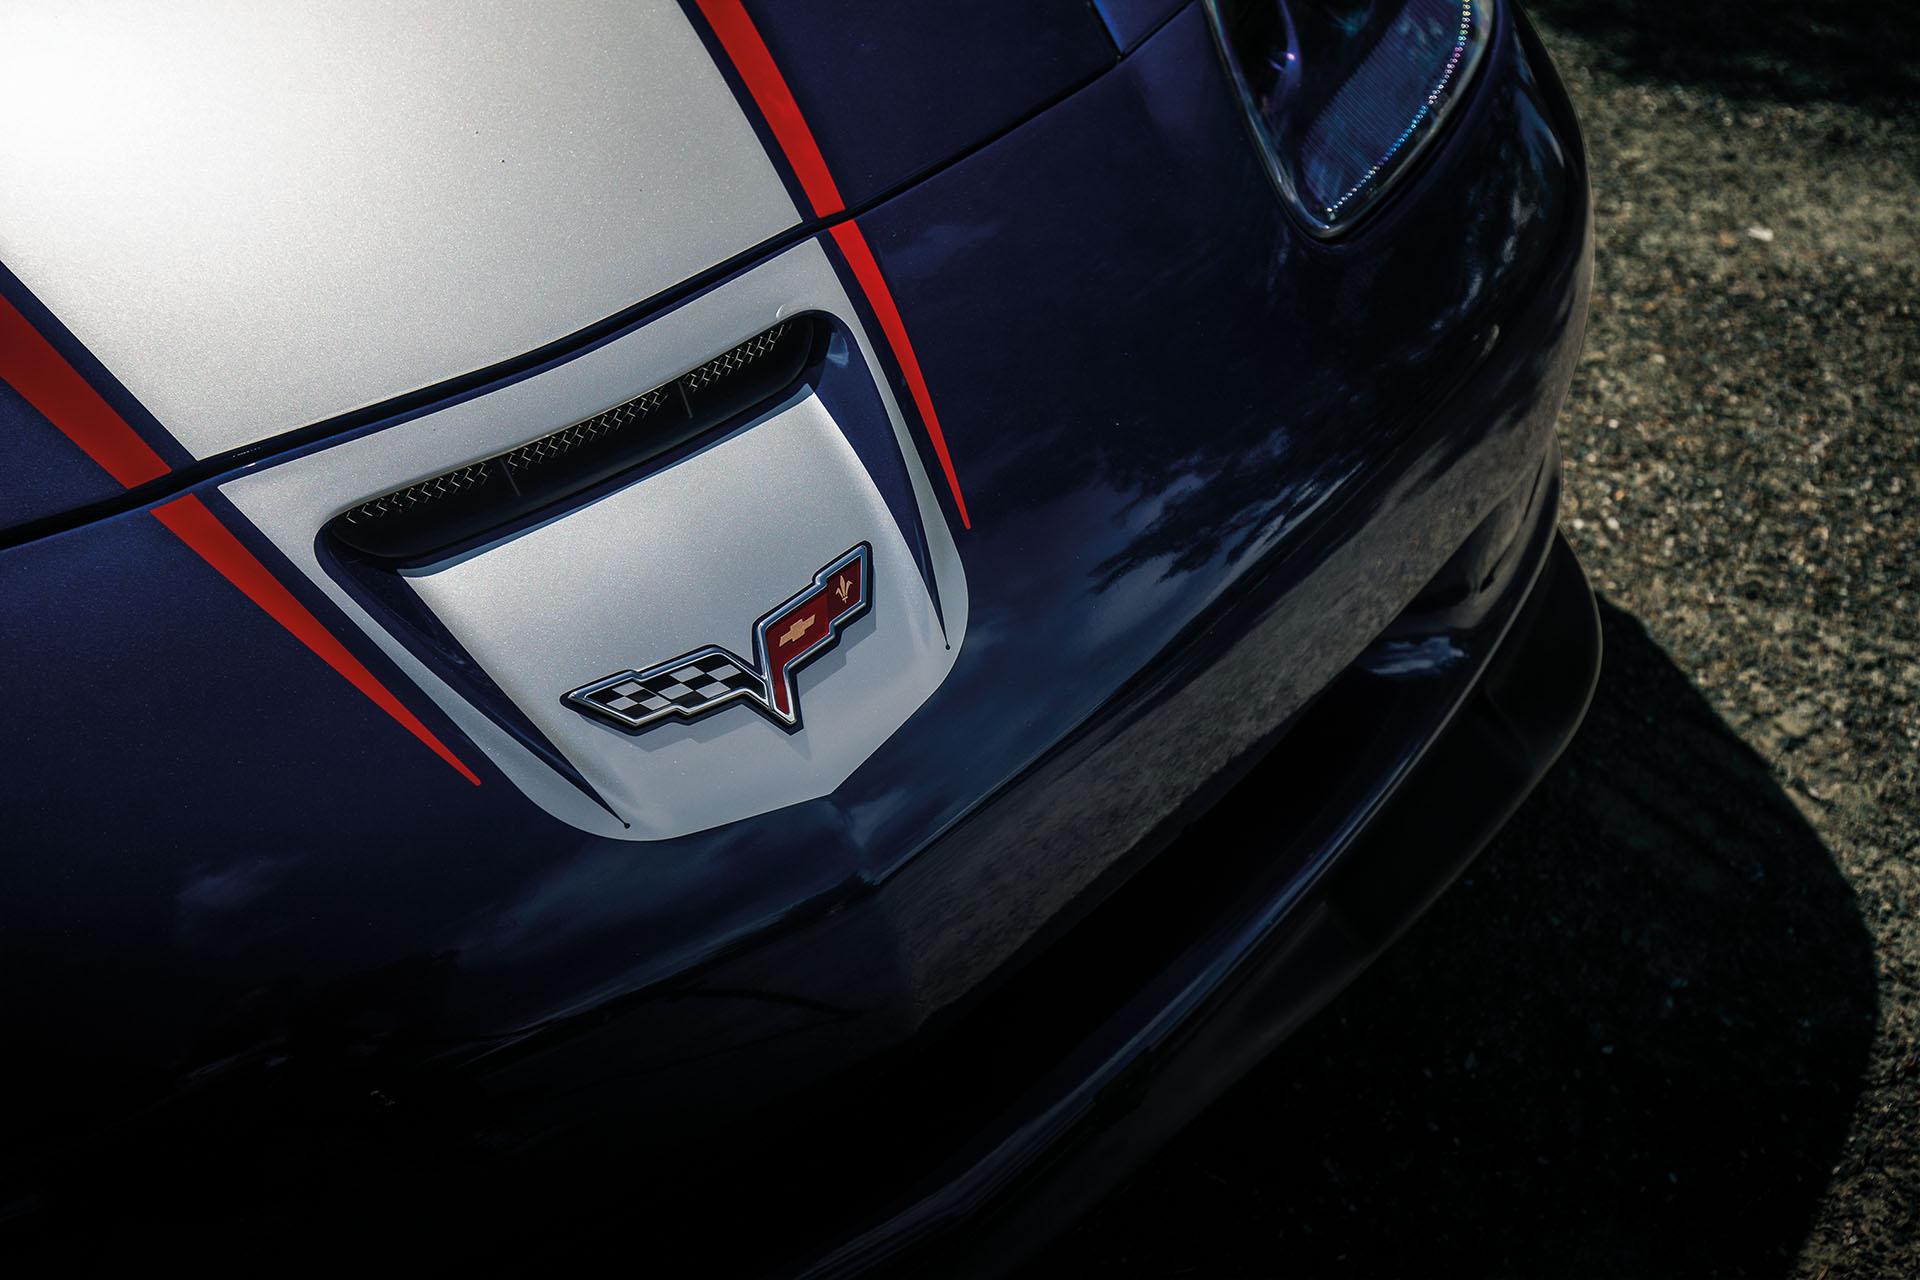 Det klassiske Corvette-emblemet pryder fronten.